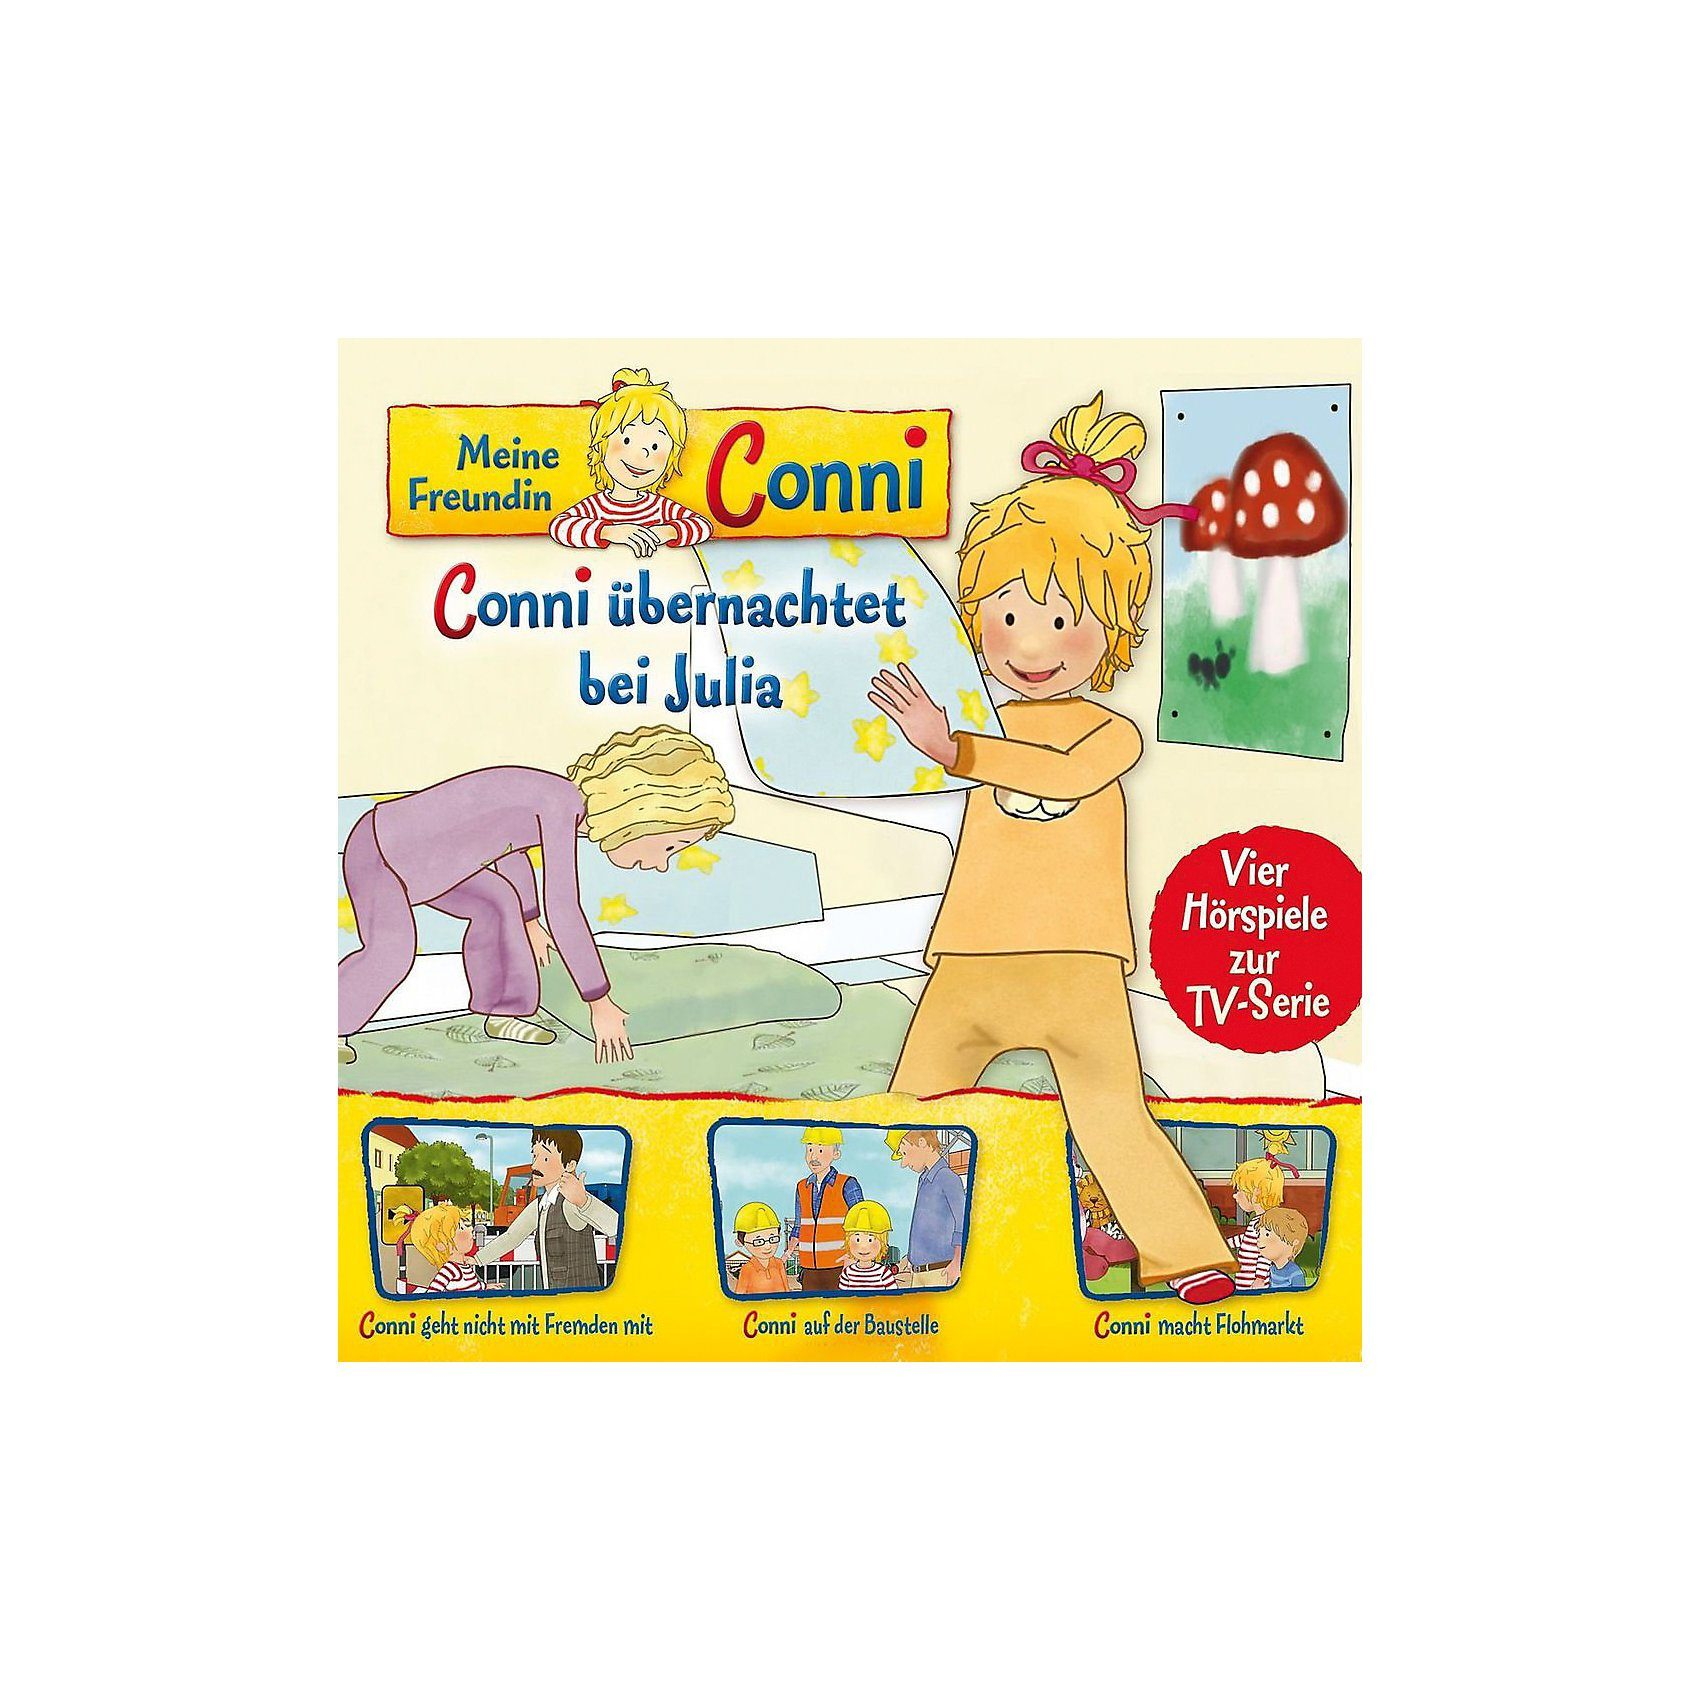 Universal CD Meine Freundin Conni 08-Conni übernachtet/Fremden